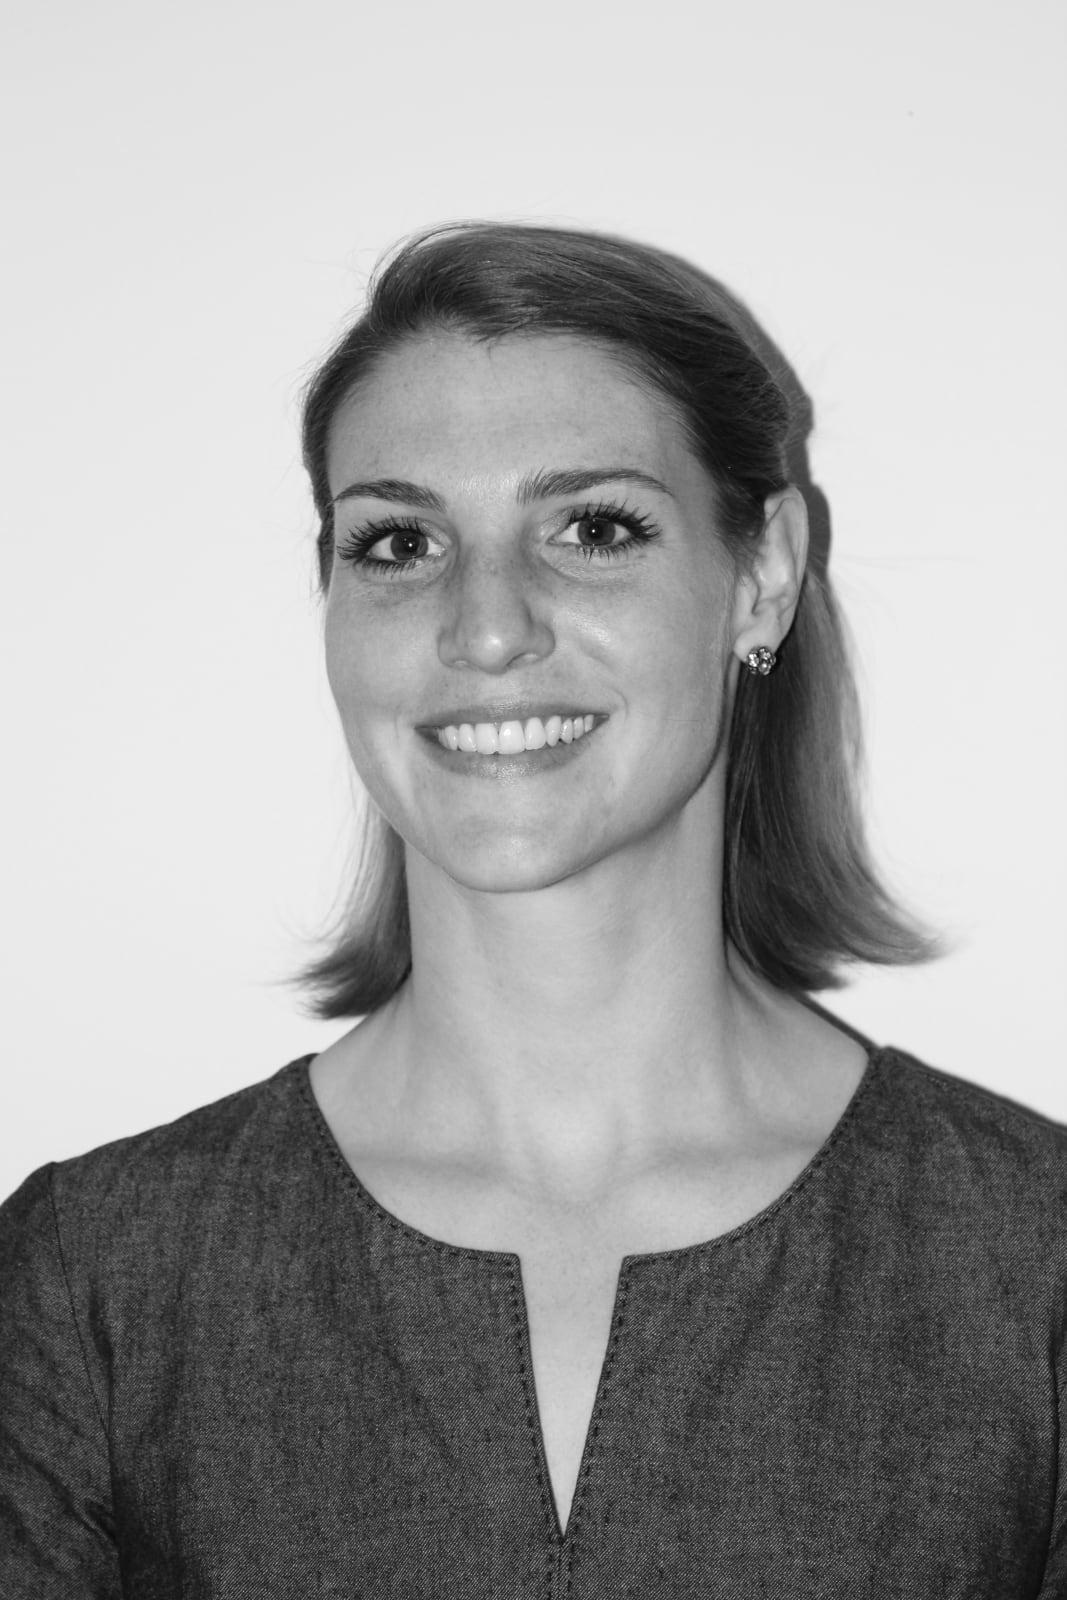 Erin Schuppert, Gallery Manager